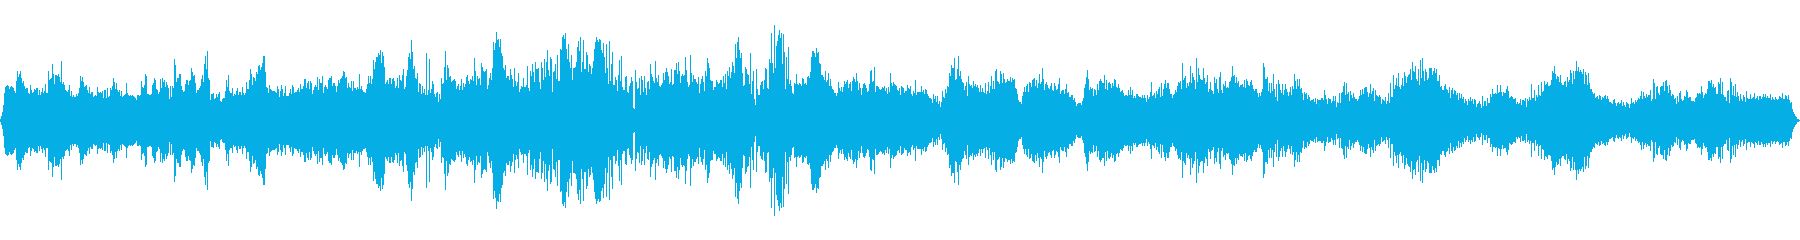 マインドスケープの再生済みの波形